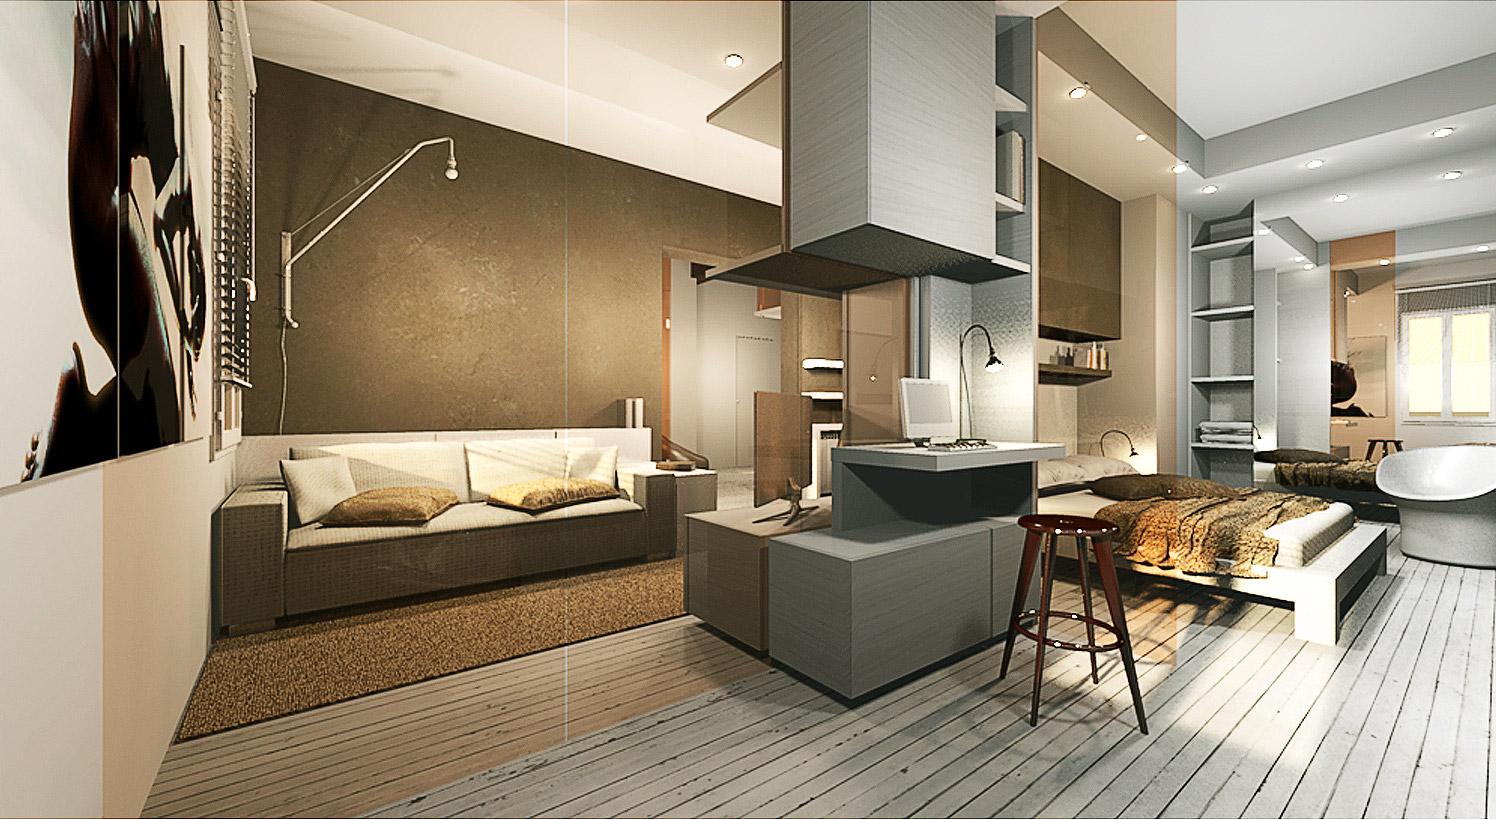 Ristrutturazione appartamento medicina gg progetti for Studio in camera da letto